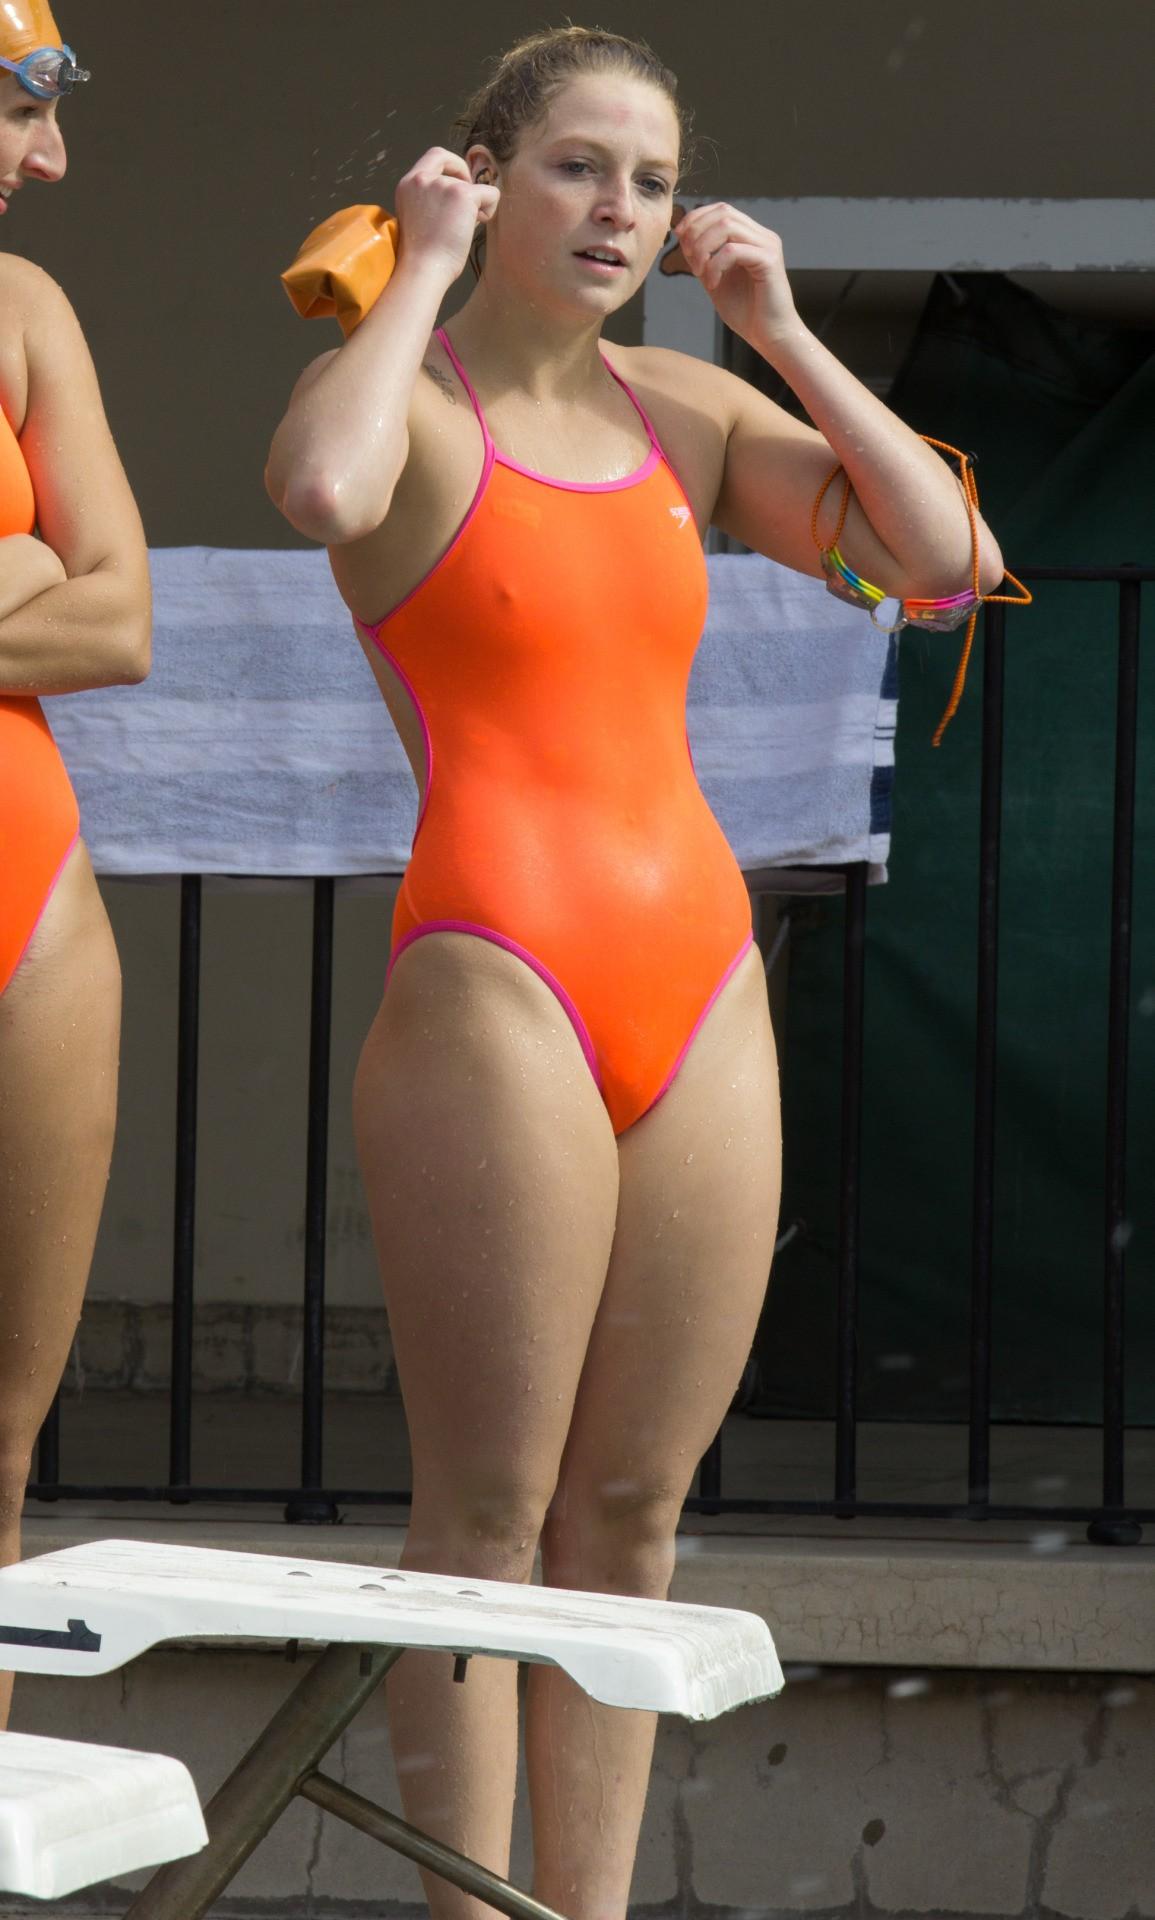 外国人の胸ポチ、ハミ尻が抜ける競泳水着姿のエロ画像33枚・15枚目の画像